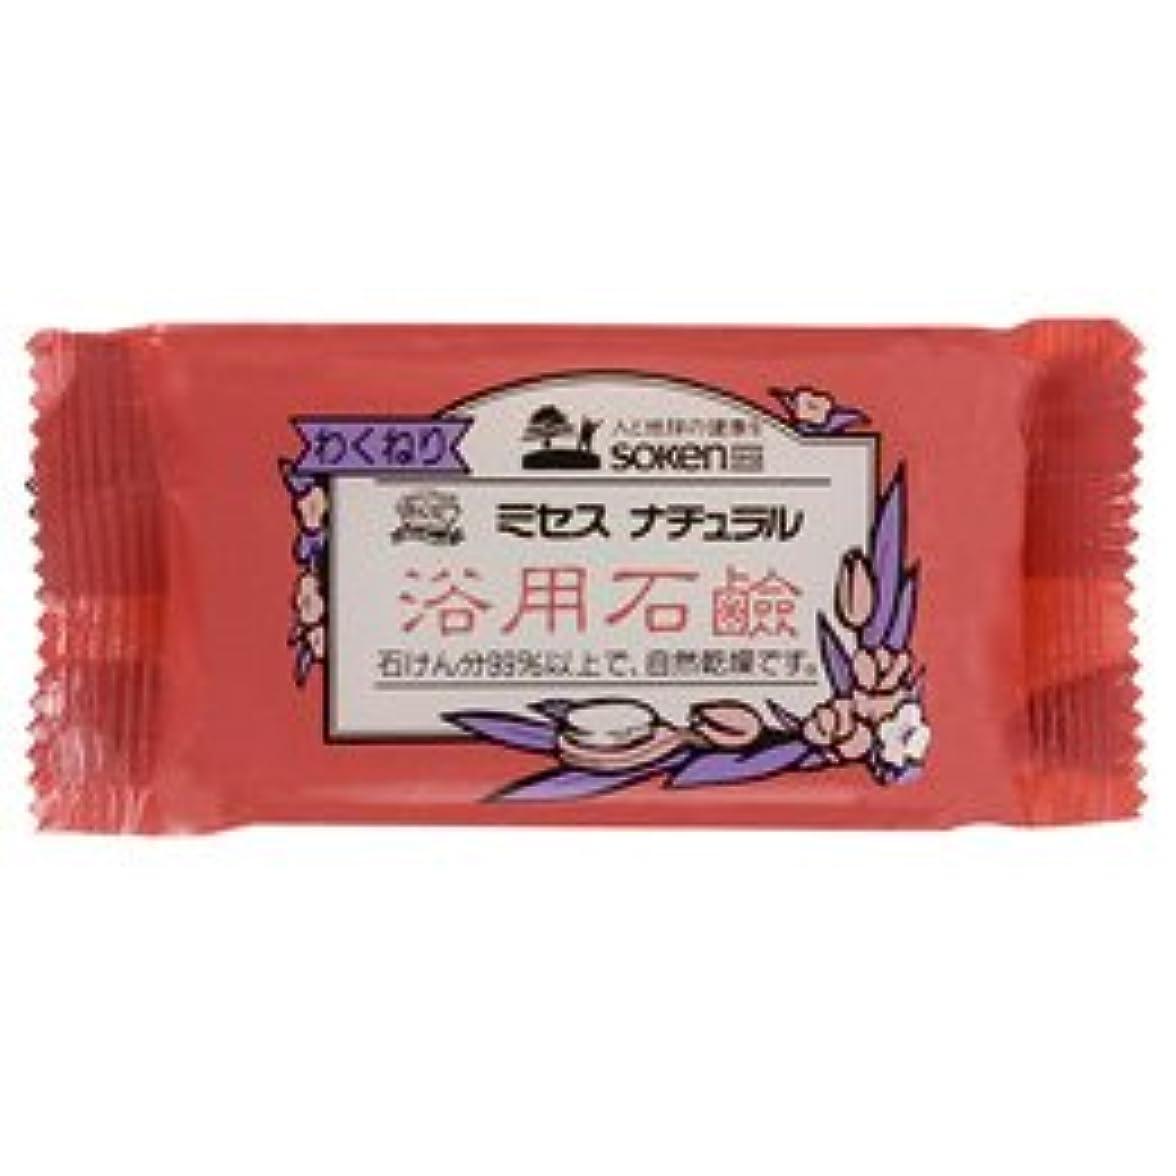 暗黙協定挽く創健社 ミセスナチュラル 浴用石鹸 110g ケース(120個入)